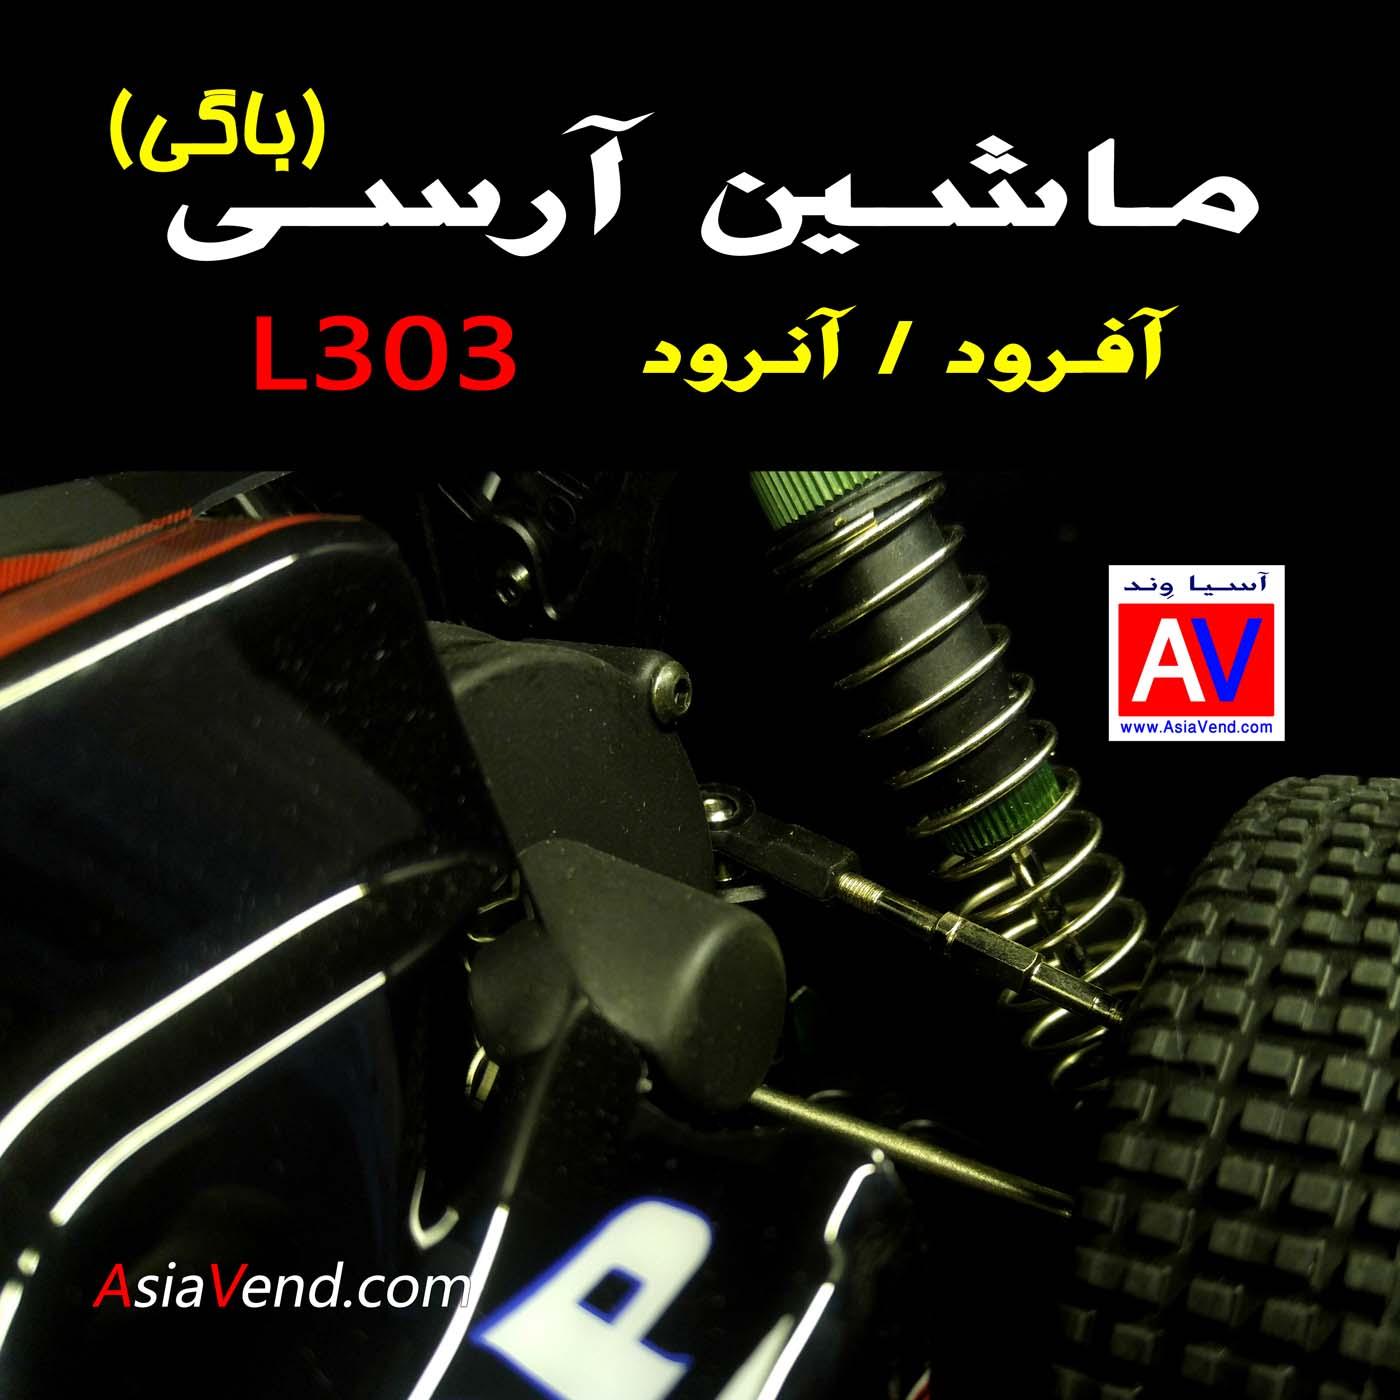 ماشین کنترلی آسیاوند ماشین رادیو کنترلی L303